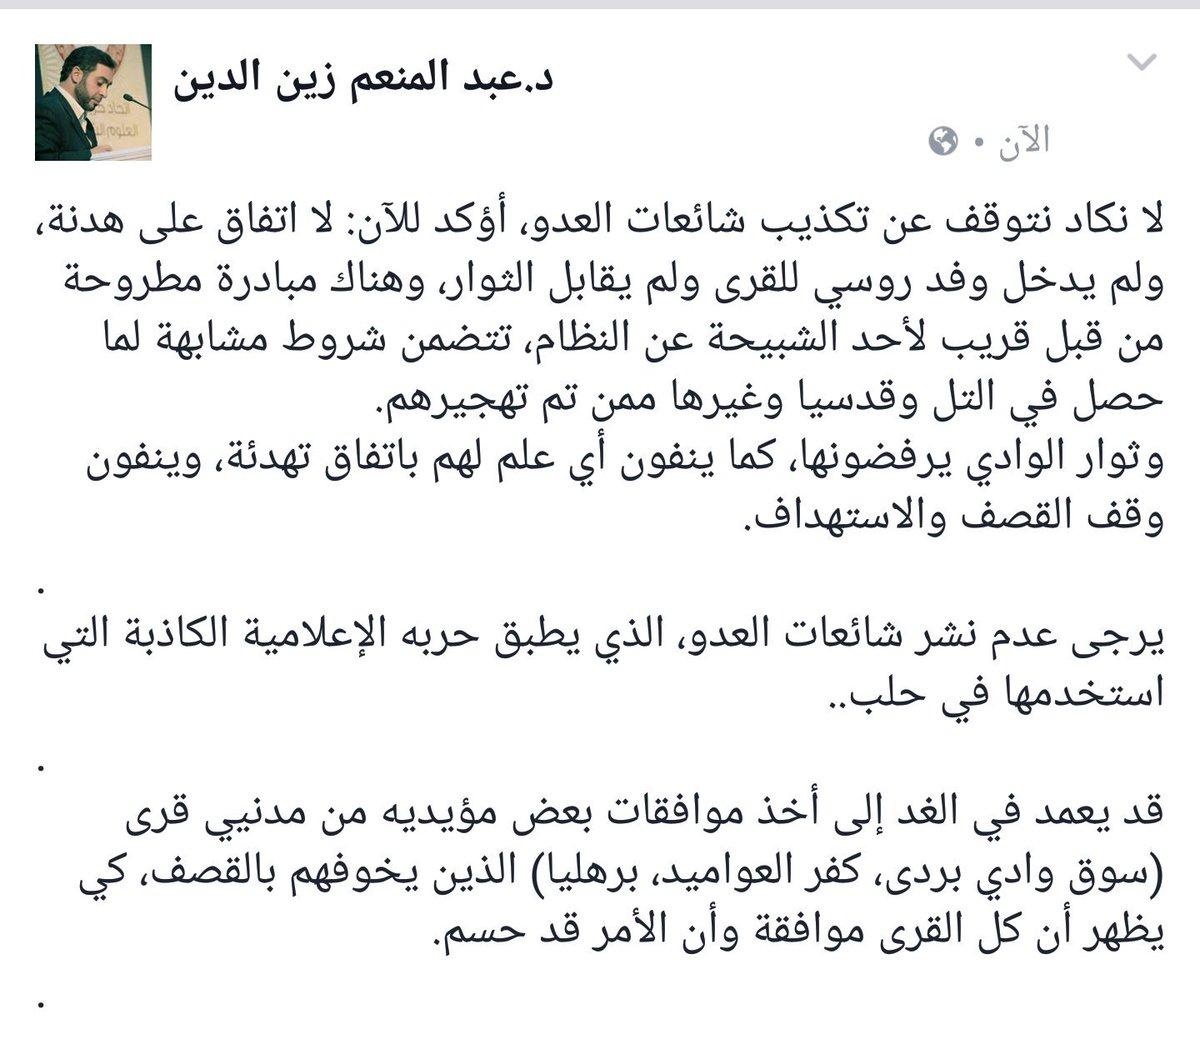 مهم وعاجل: مسودة المحادثات بين الفصائل في وادي بردى وبين نظام بشار الأسد  C1g8PSnWgAIIpkQ